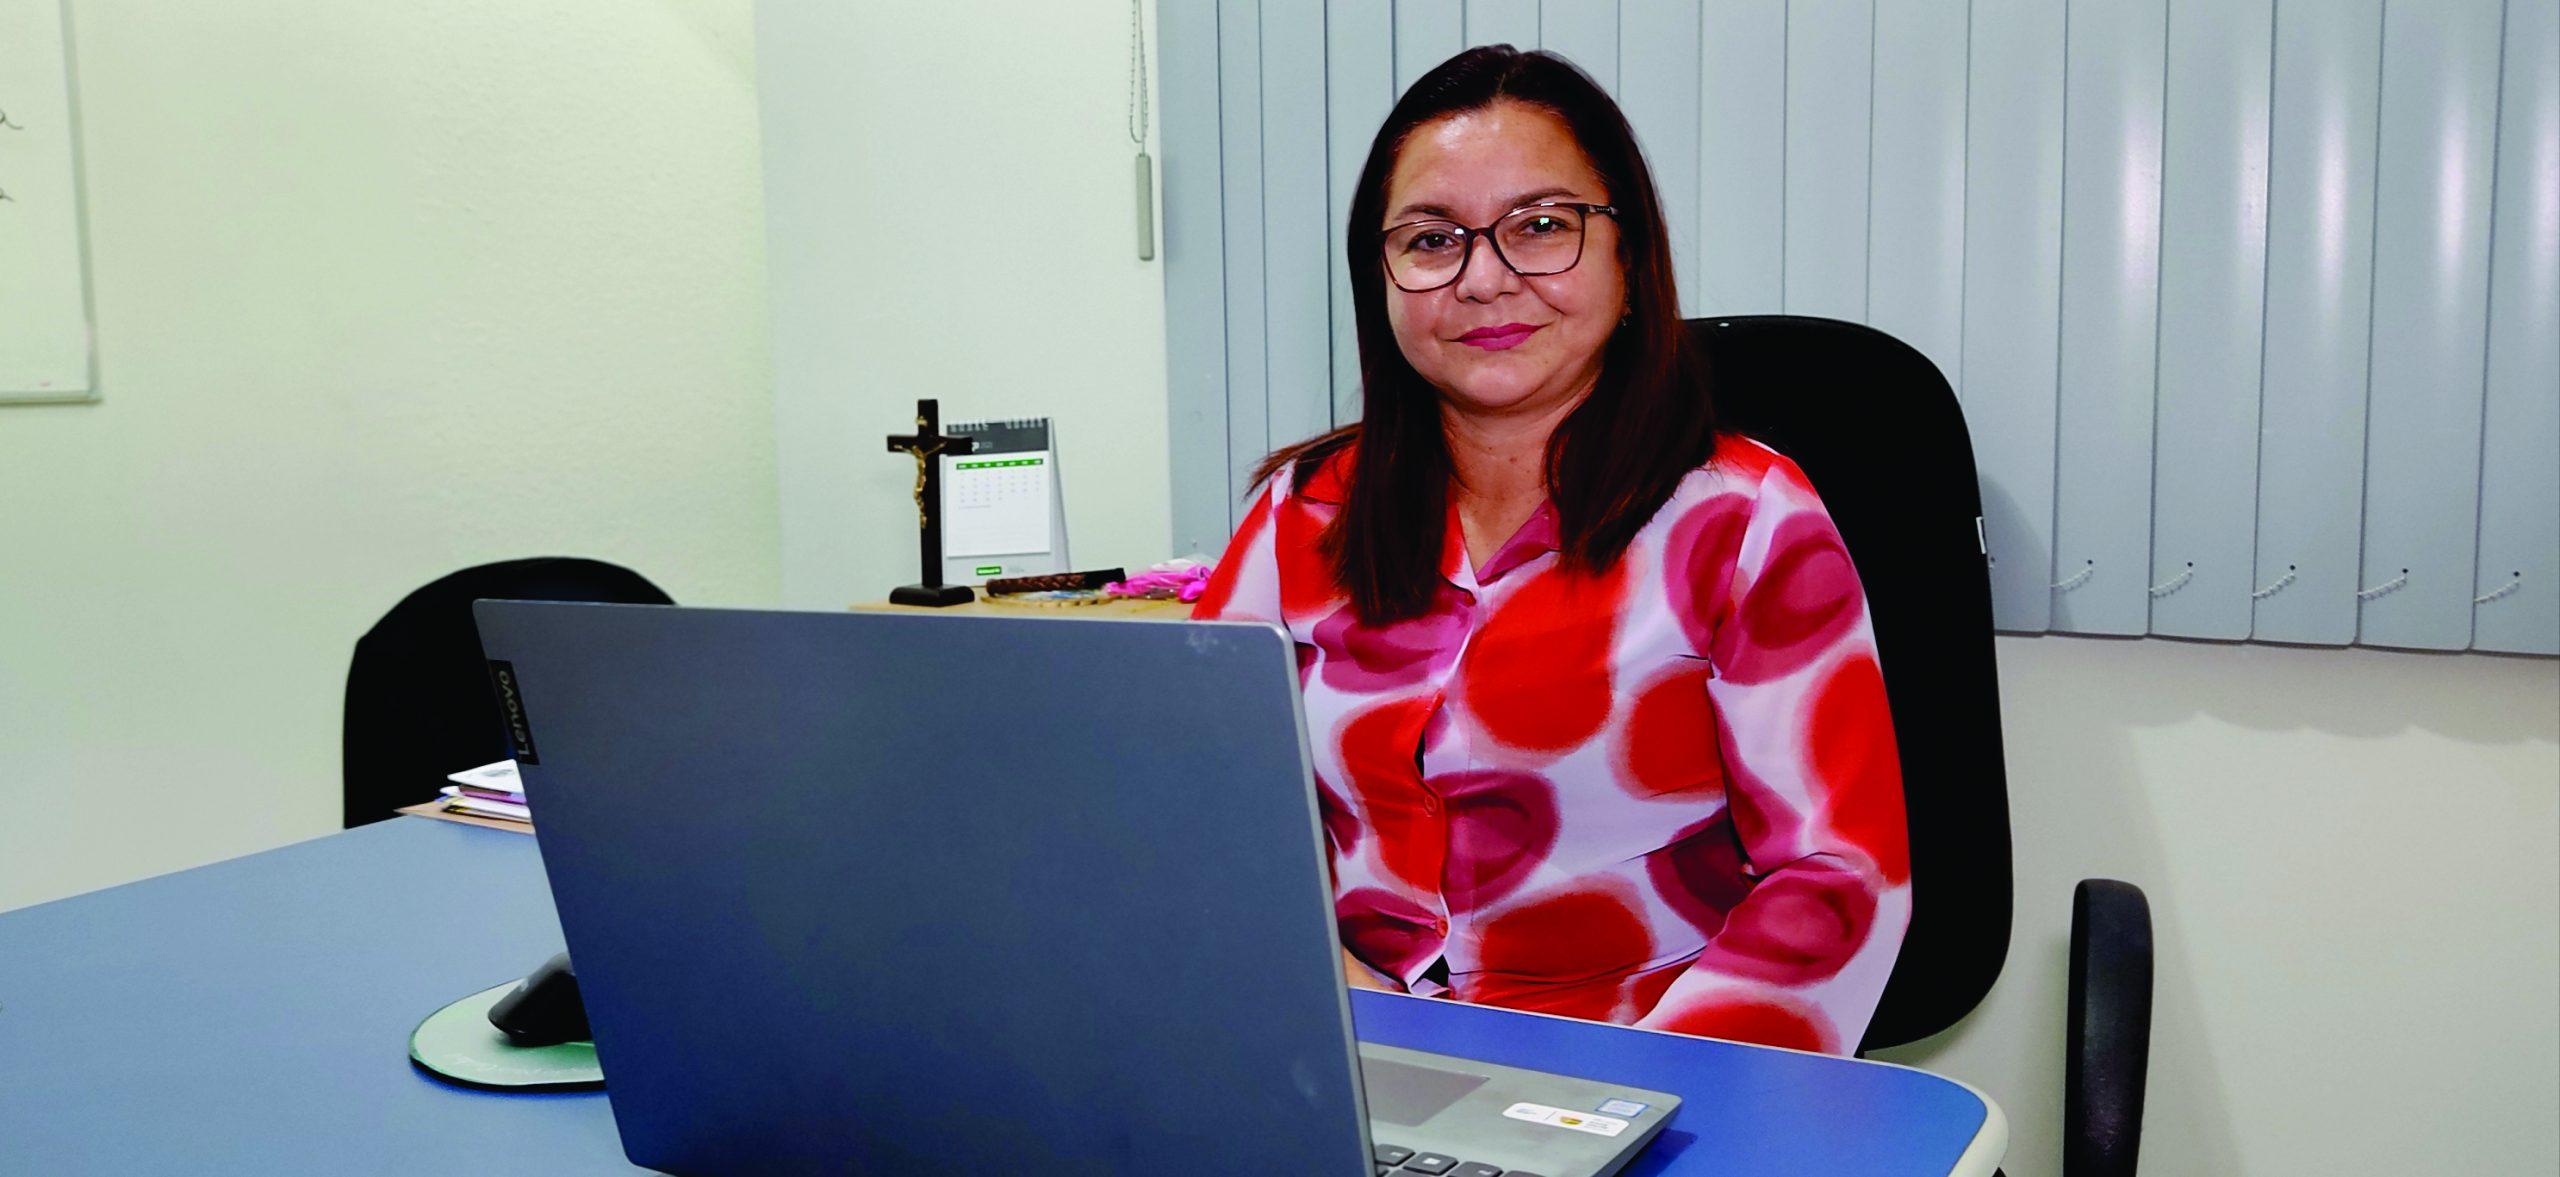 Com namorado e genro em seu gabinete, vereadora vira alvo de investigação do MP